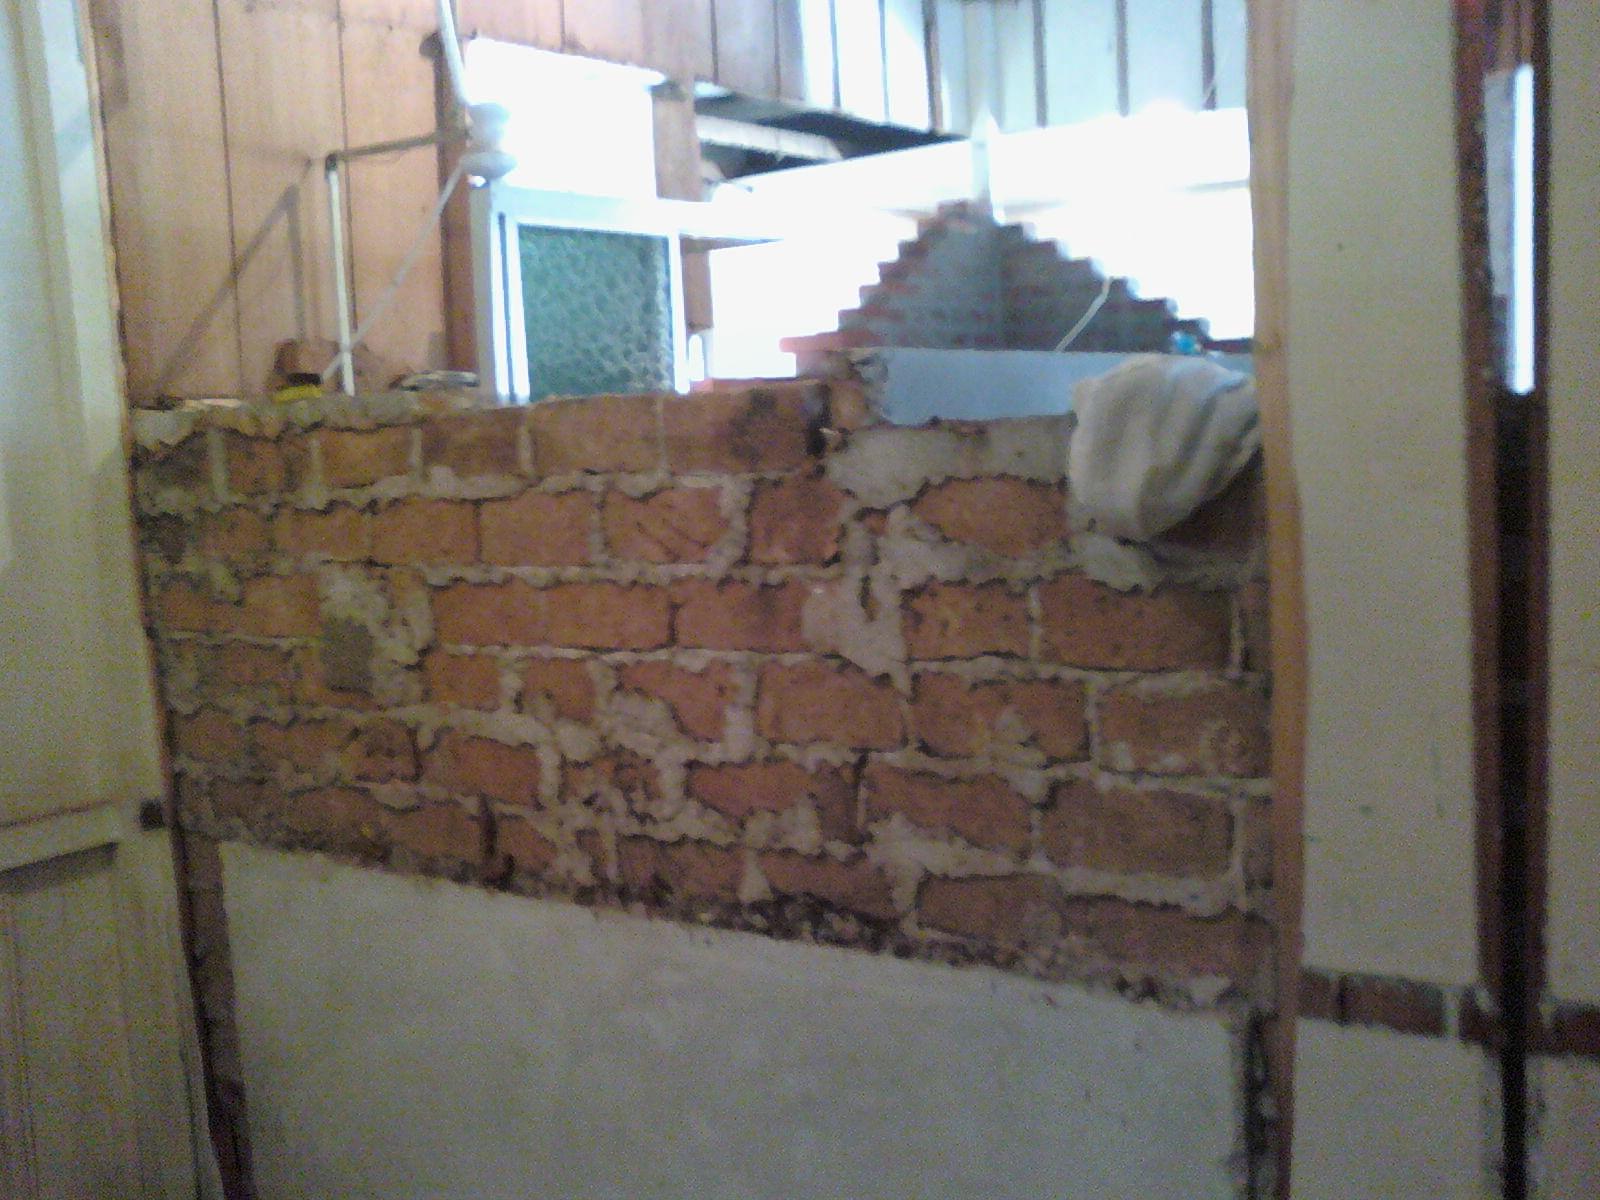 pra ver a lâmpada da cozinha ao fundo e a parede sendo levantada #486E83 1600 1200